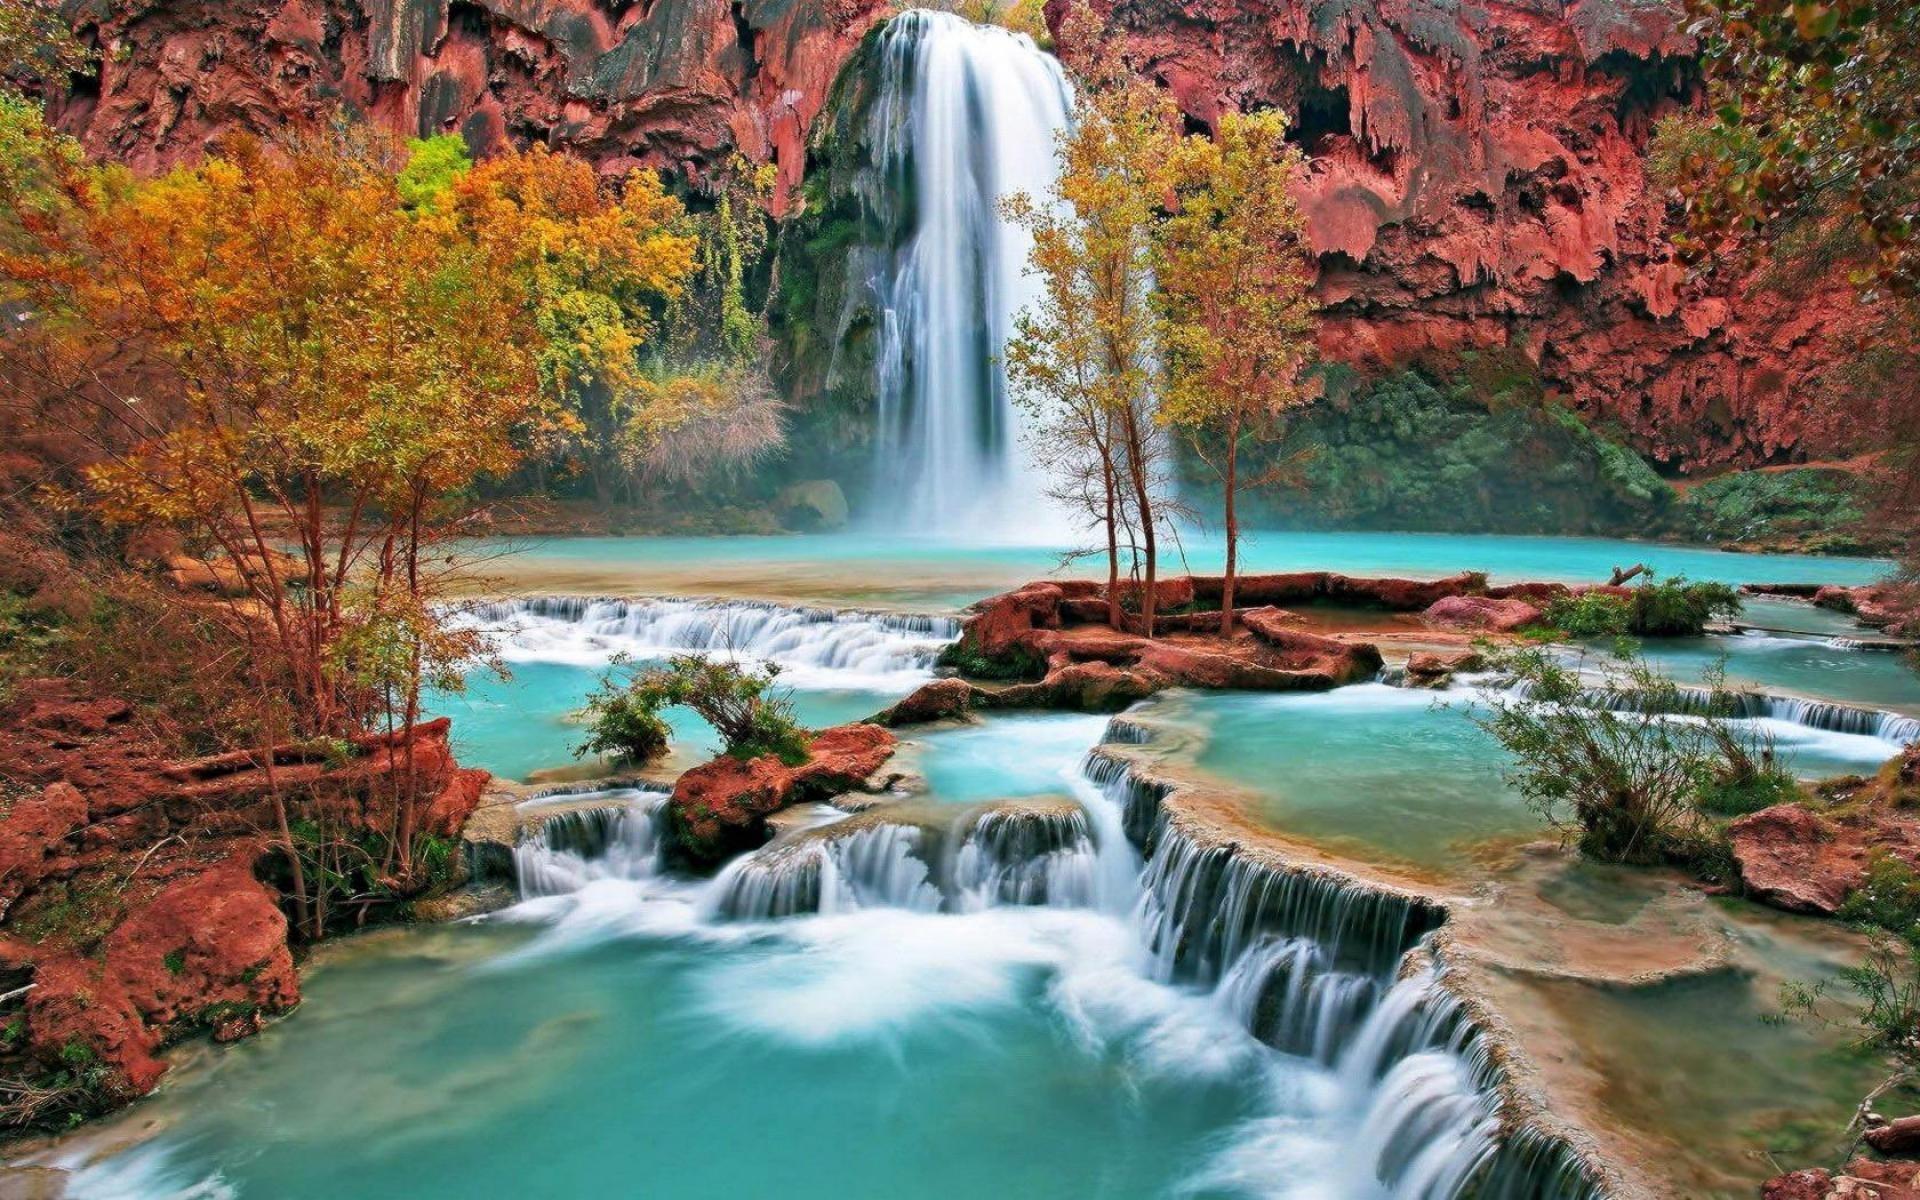 Hình ảnh thác nước tuyệt đẹp